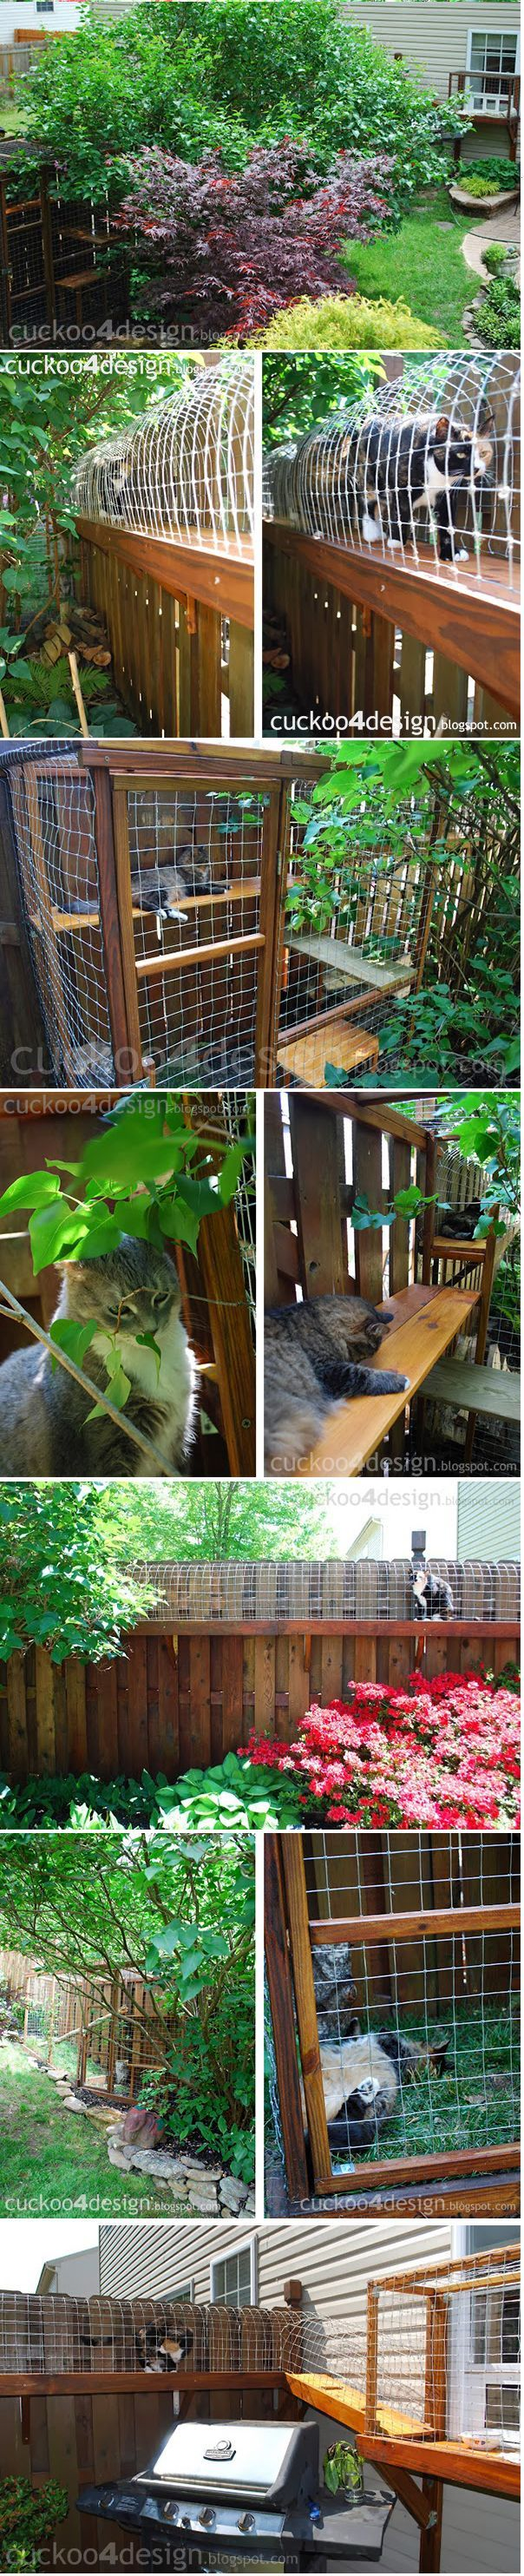 Cuckoo4design Cat Enclosure Outdoor Cat Enclosure Crazy Cats